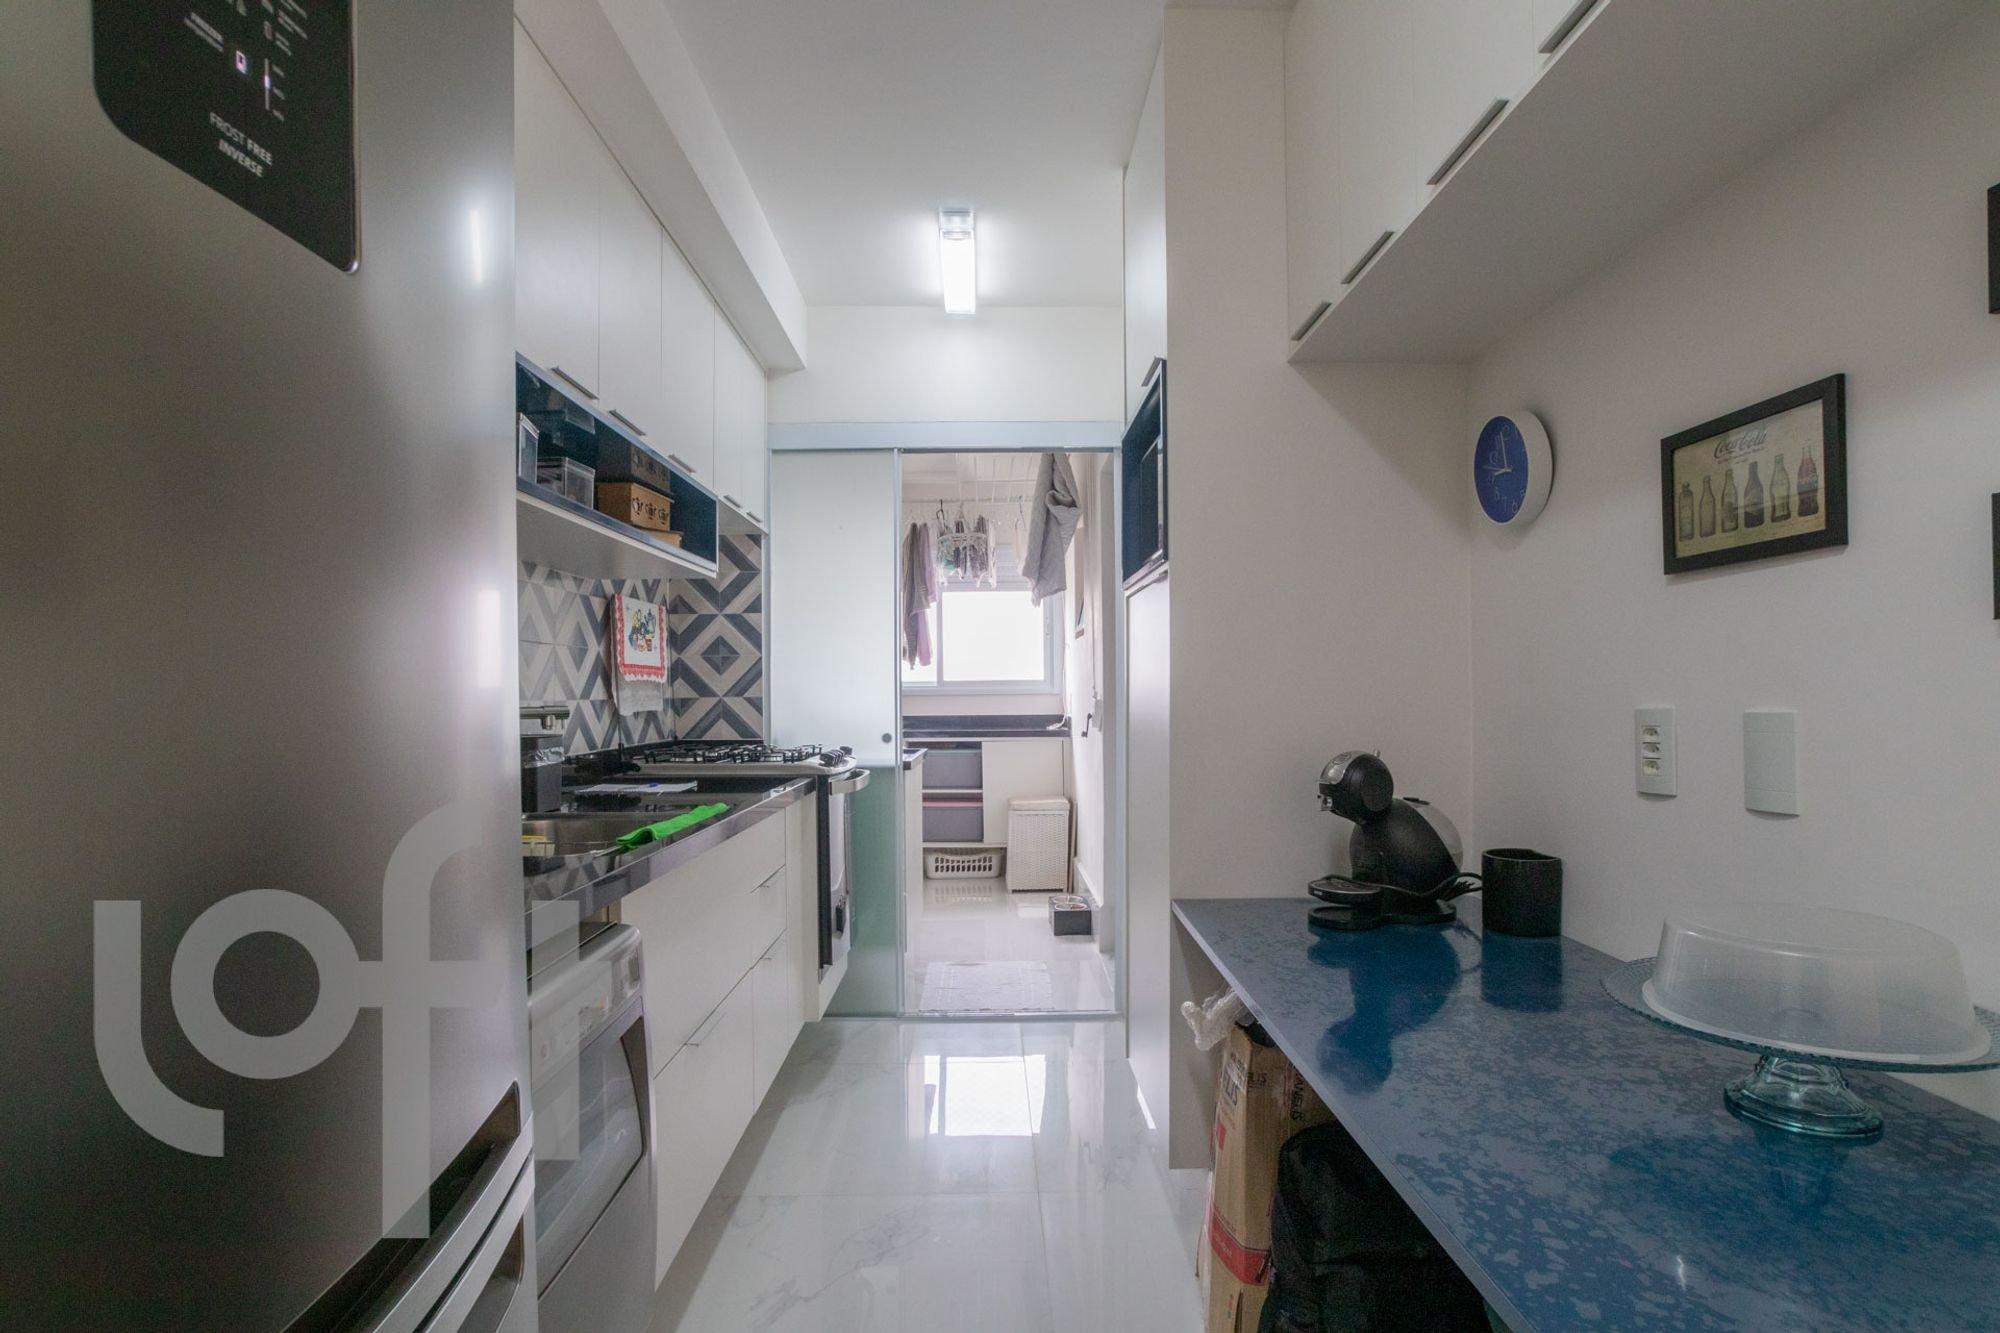 Foto de Cozinha com relógio